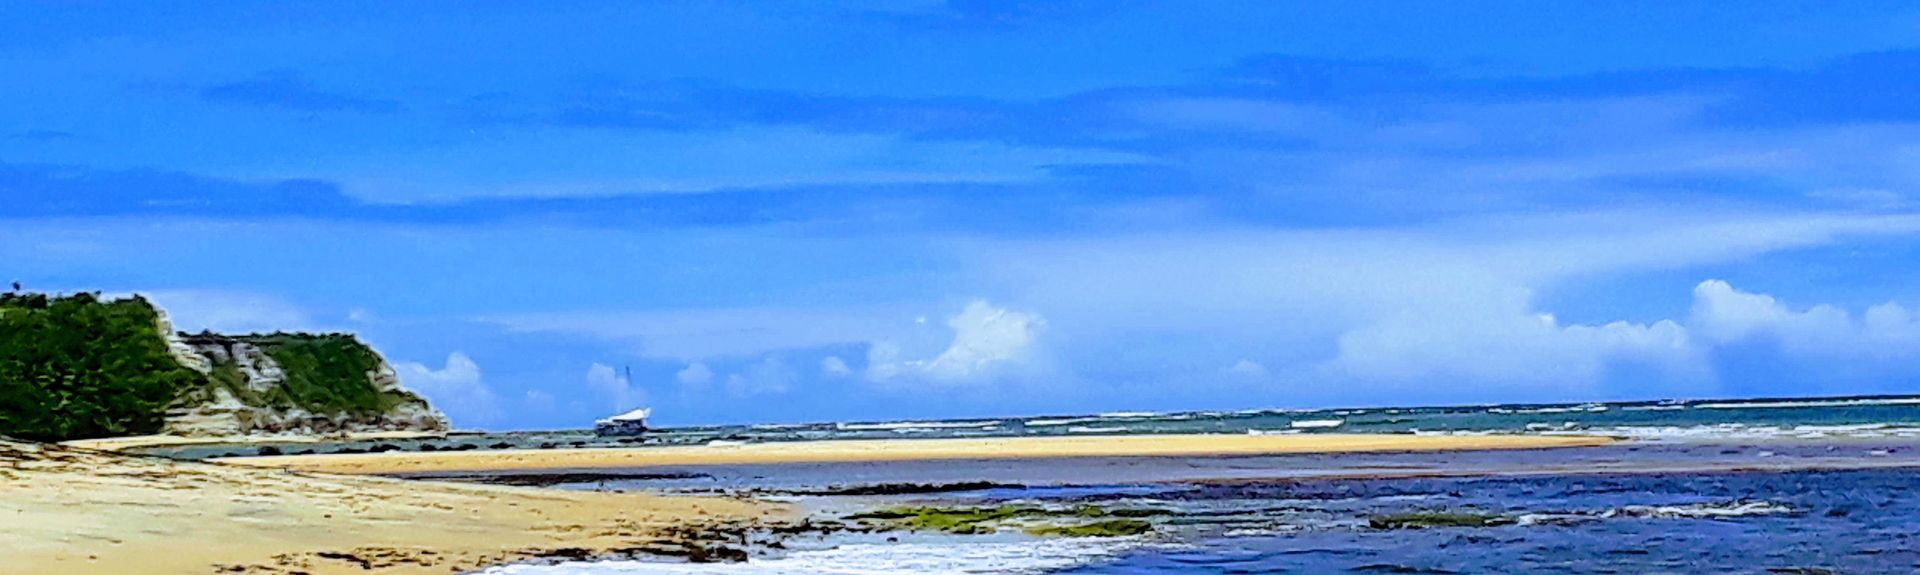 Παραλία Pitinga, Πόρτο Σεγκούρο, Βορειοανατολική Περιοχή, Βραζιλία